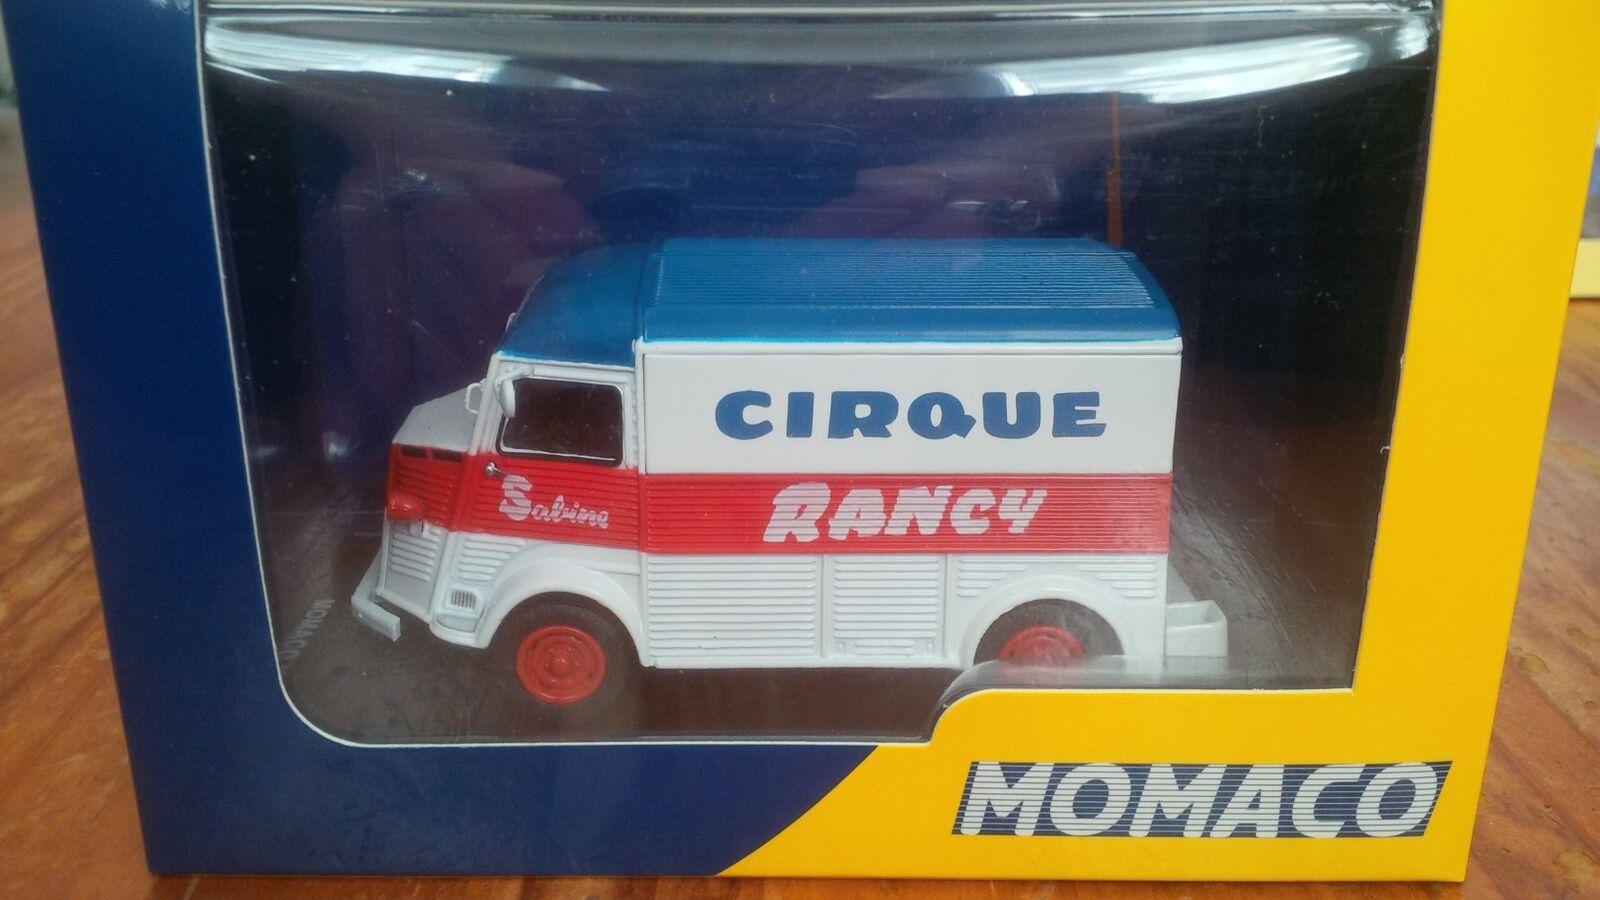 CITROEN TYPE H HY CIRQUE SABINE RANCY ELIGOR MOMACO 1 43 BOITE promotionnel